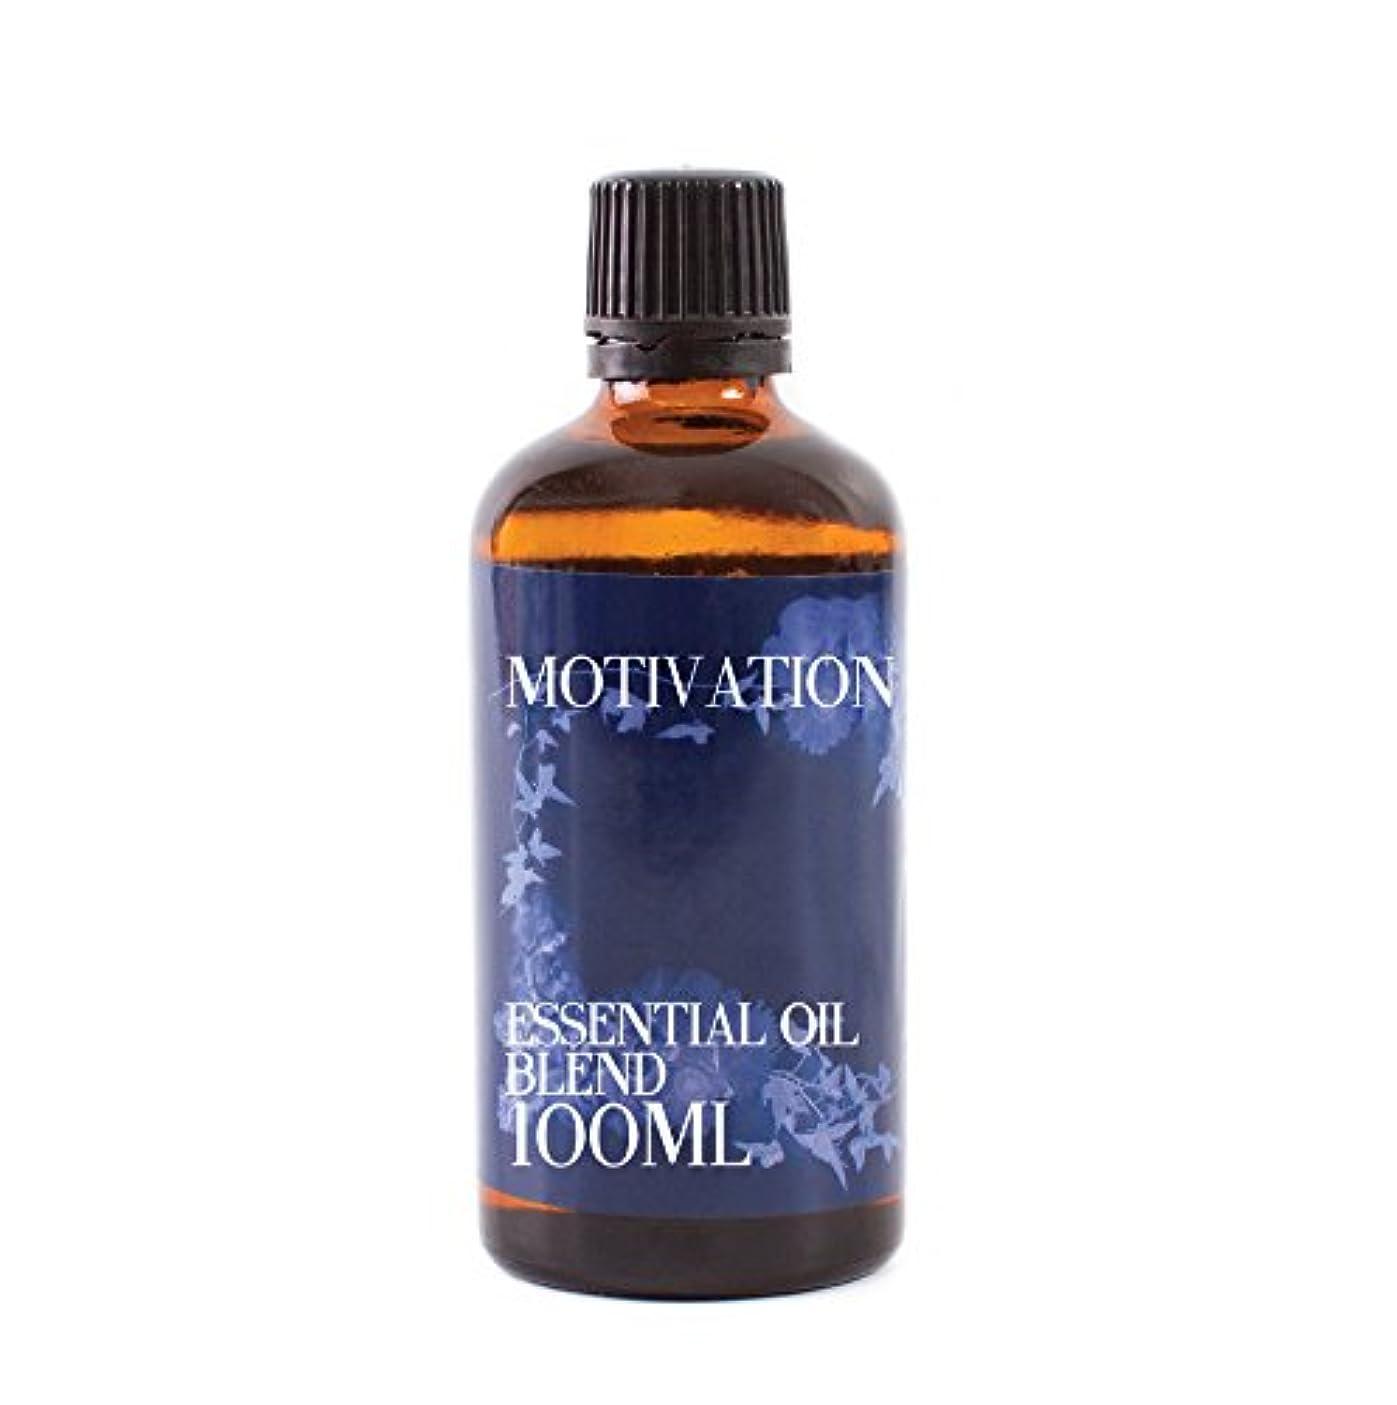 郵便局本質的に特許Mystix London | Motivation Essential Oil Blend - 100ml - 100% Pure